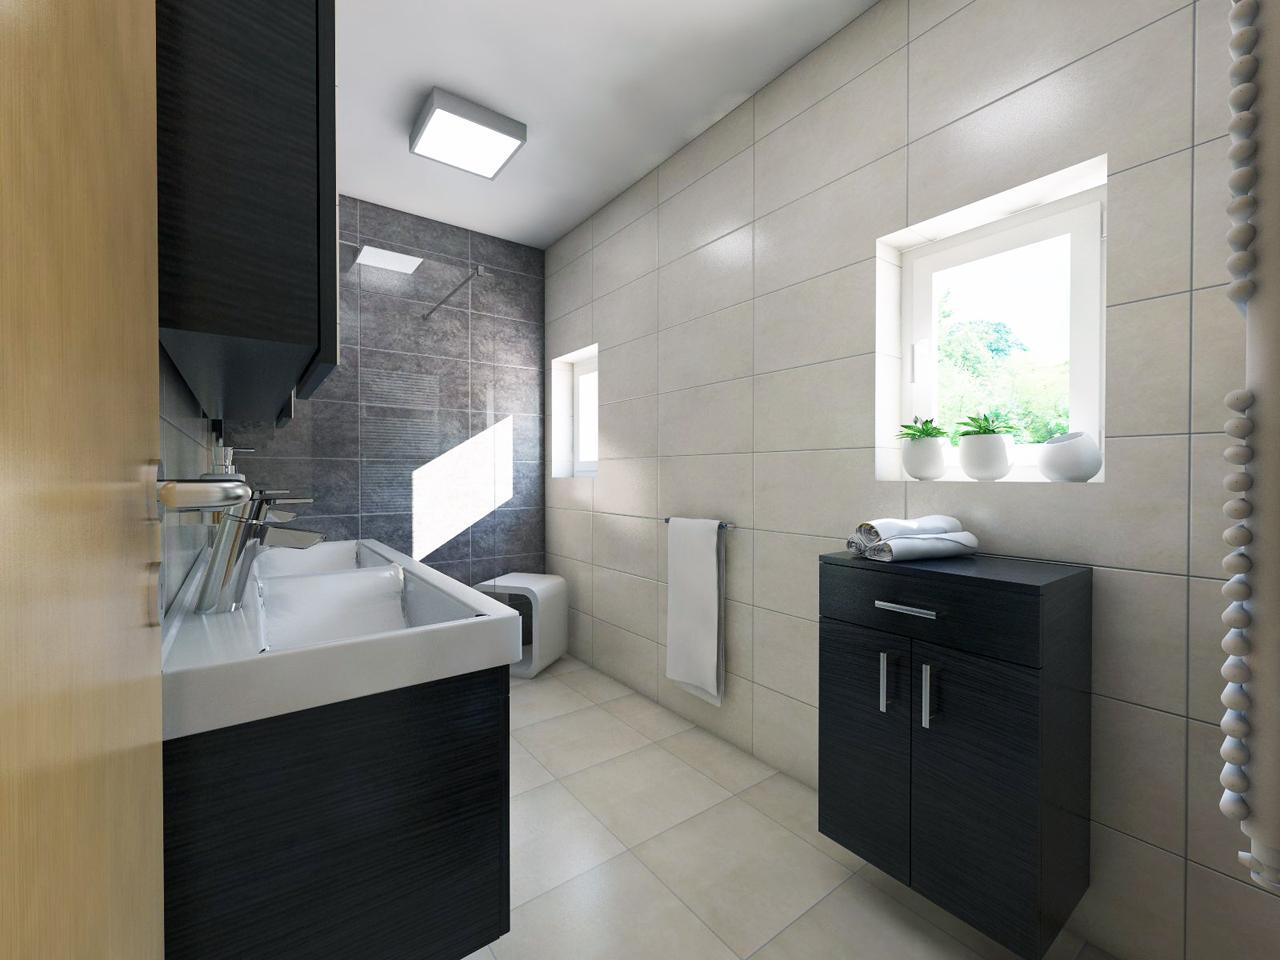 Kúpeľňové inšpirácie - Obrázok č. 7